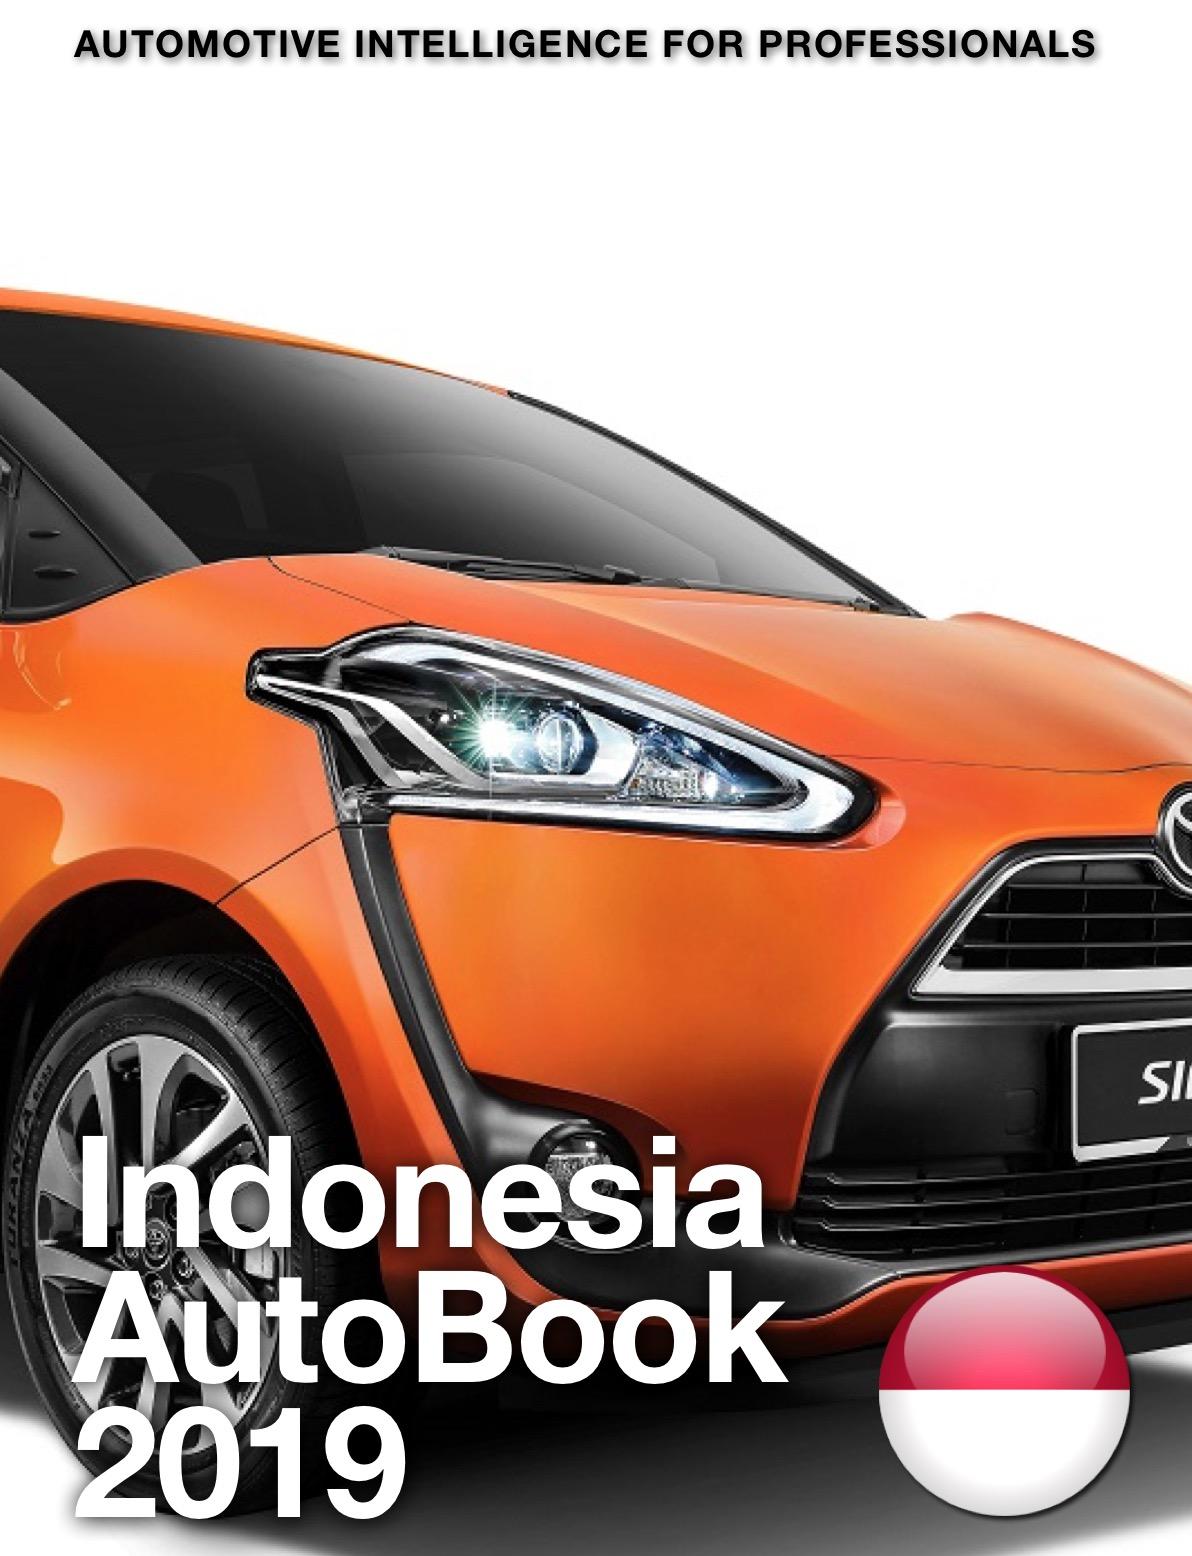 Indonesia Autobook 2019 Cover.jpg